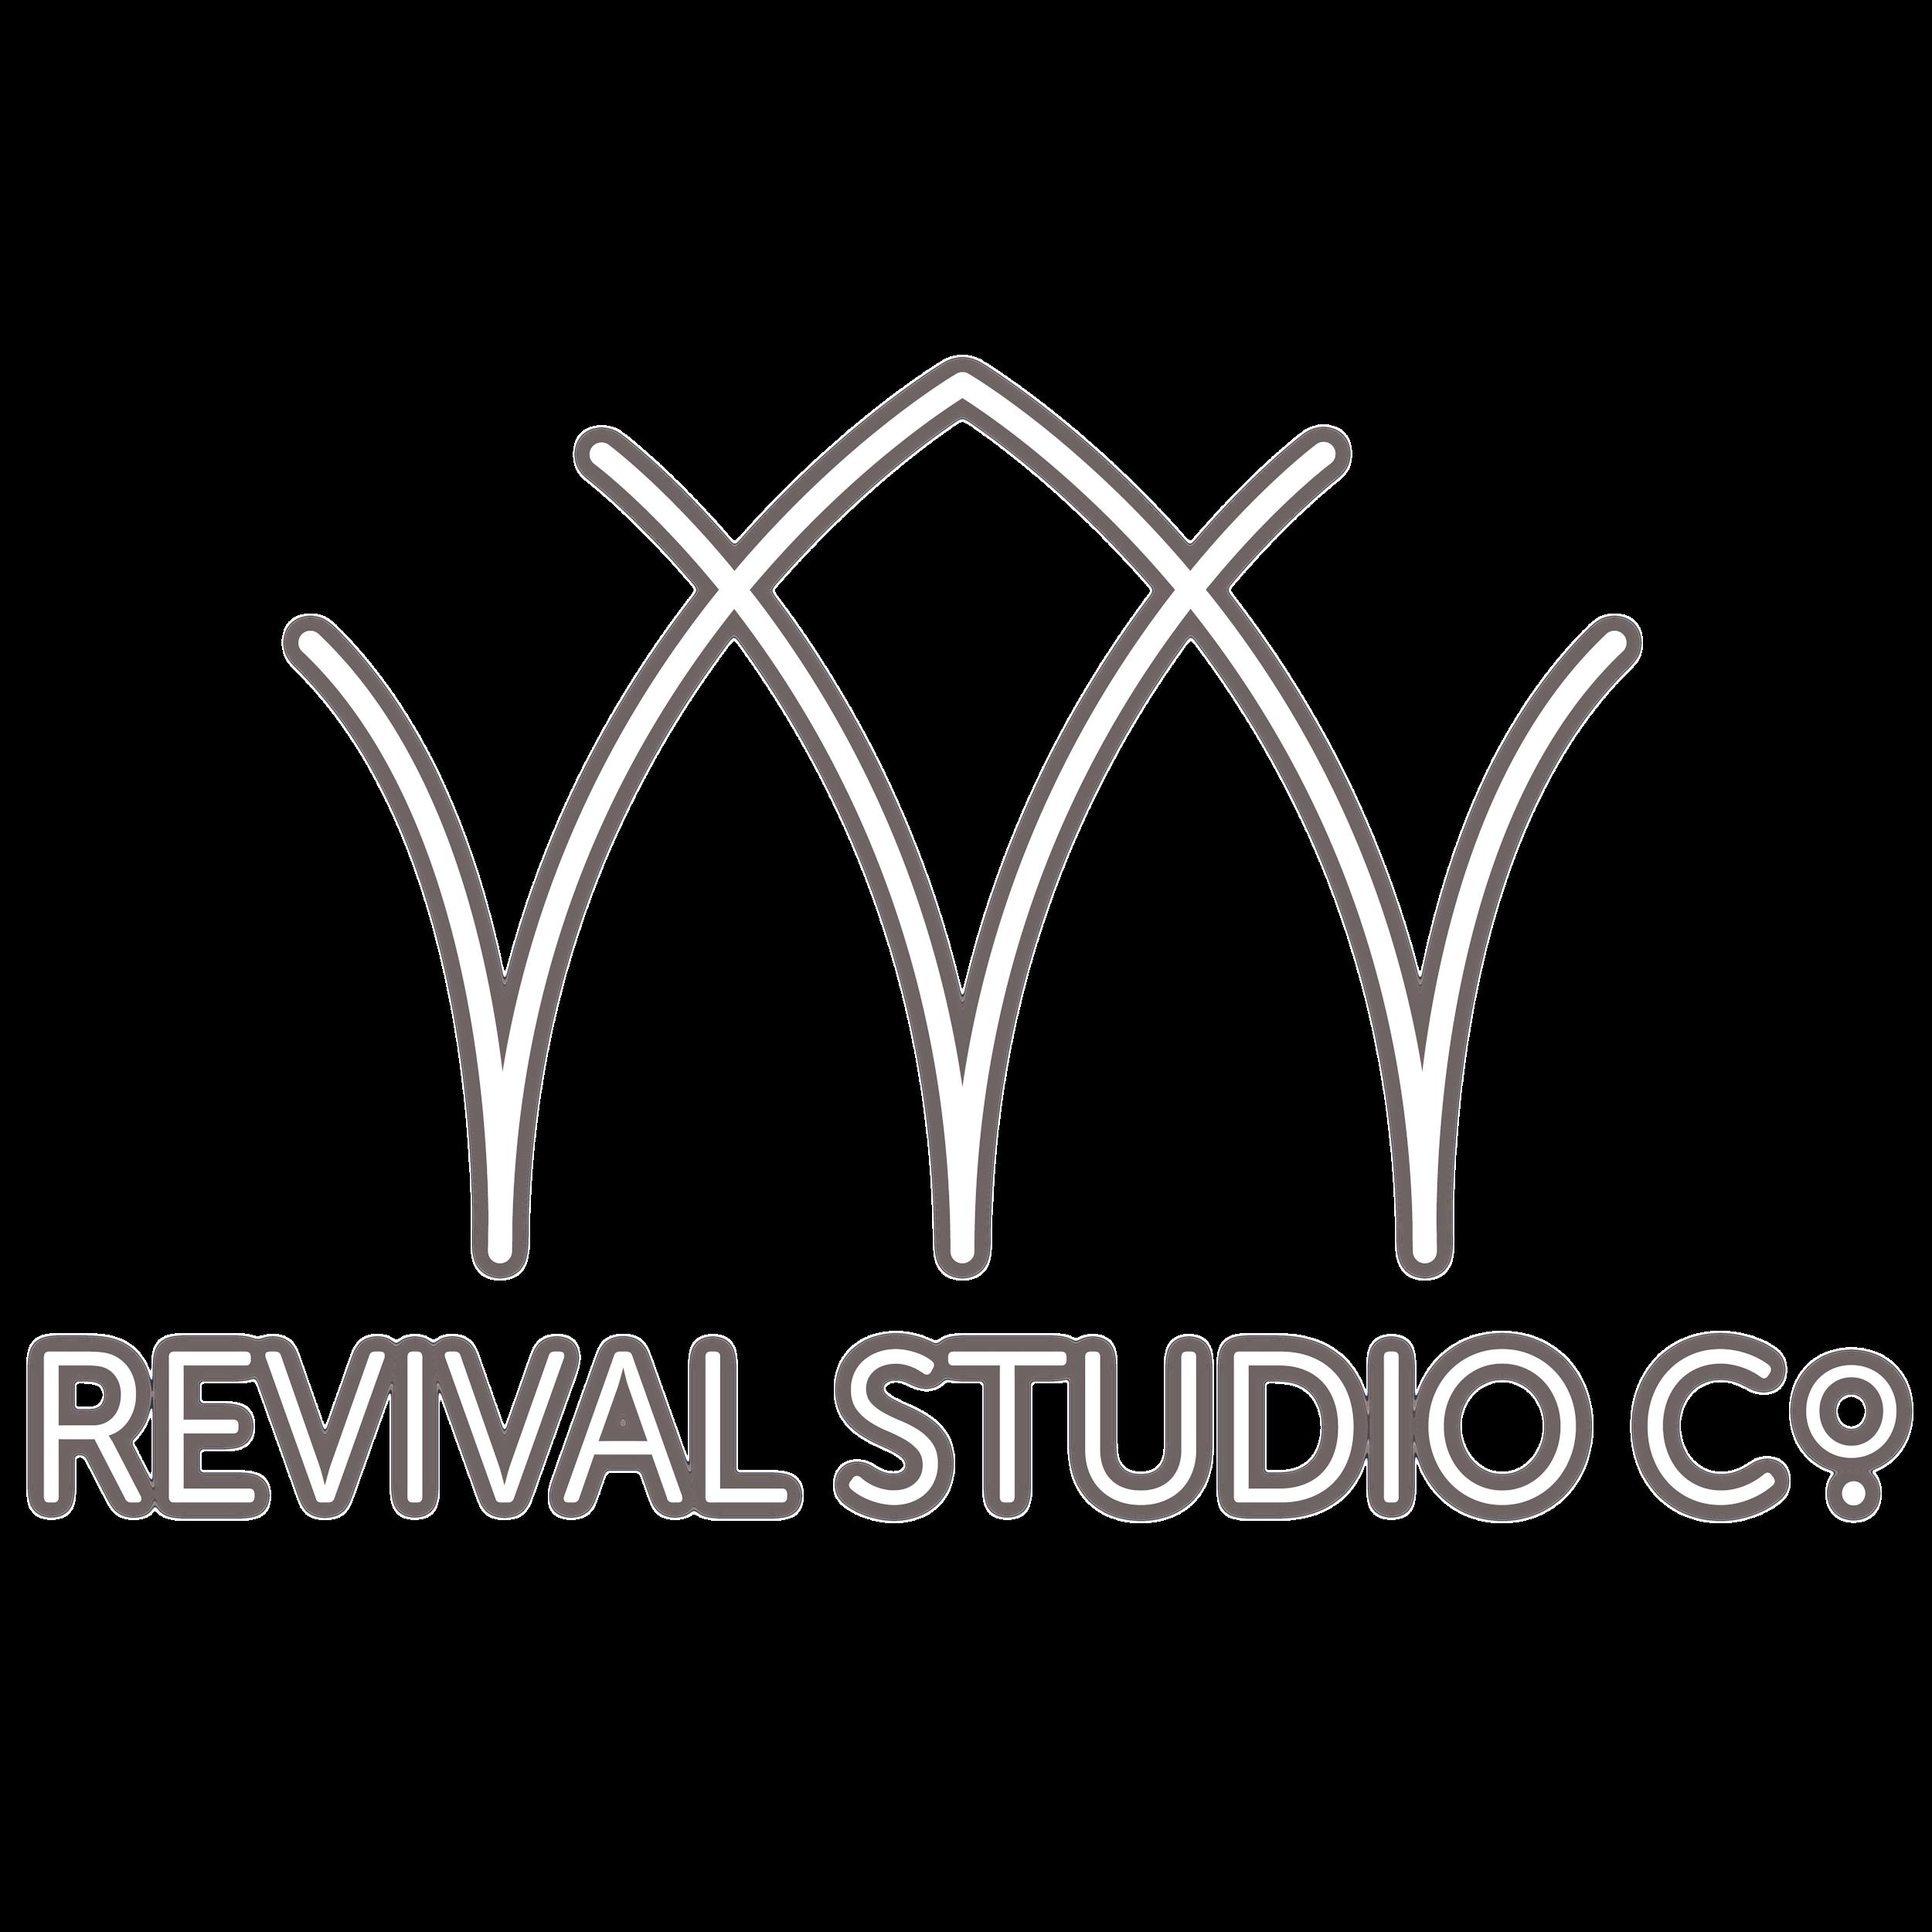 RevivalStudioCo.Brandmark